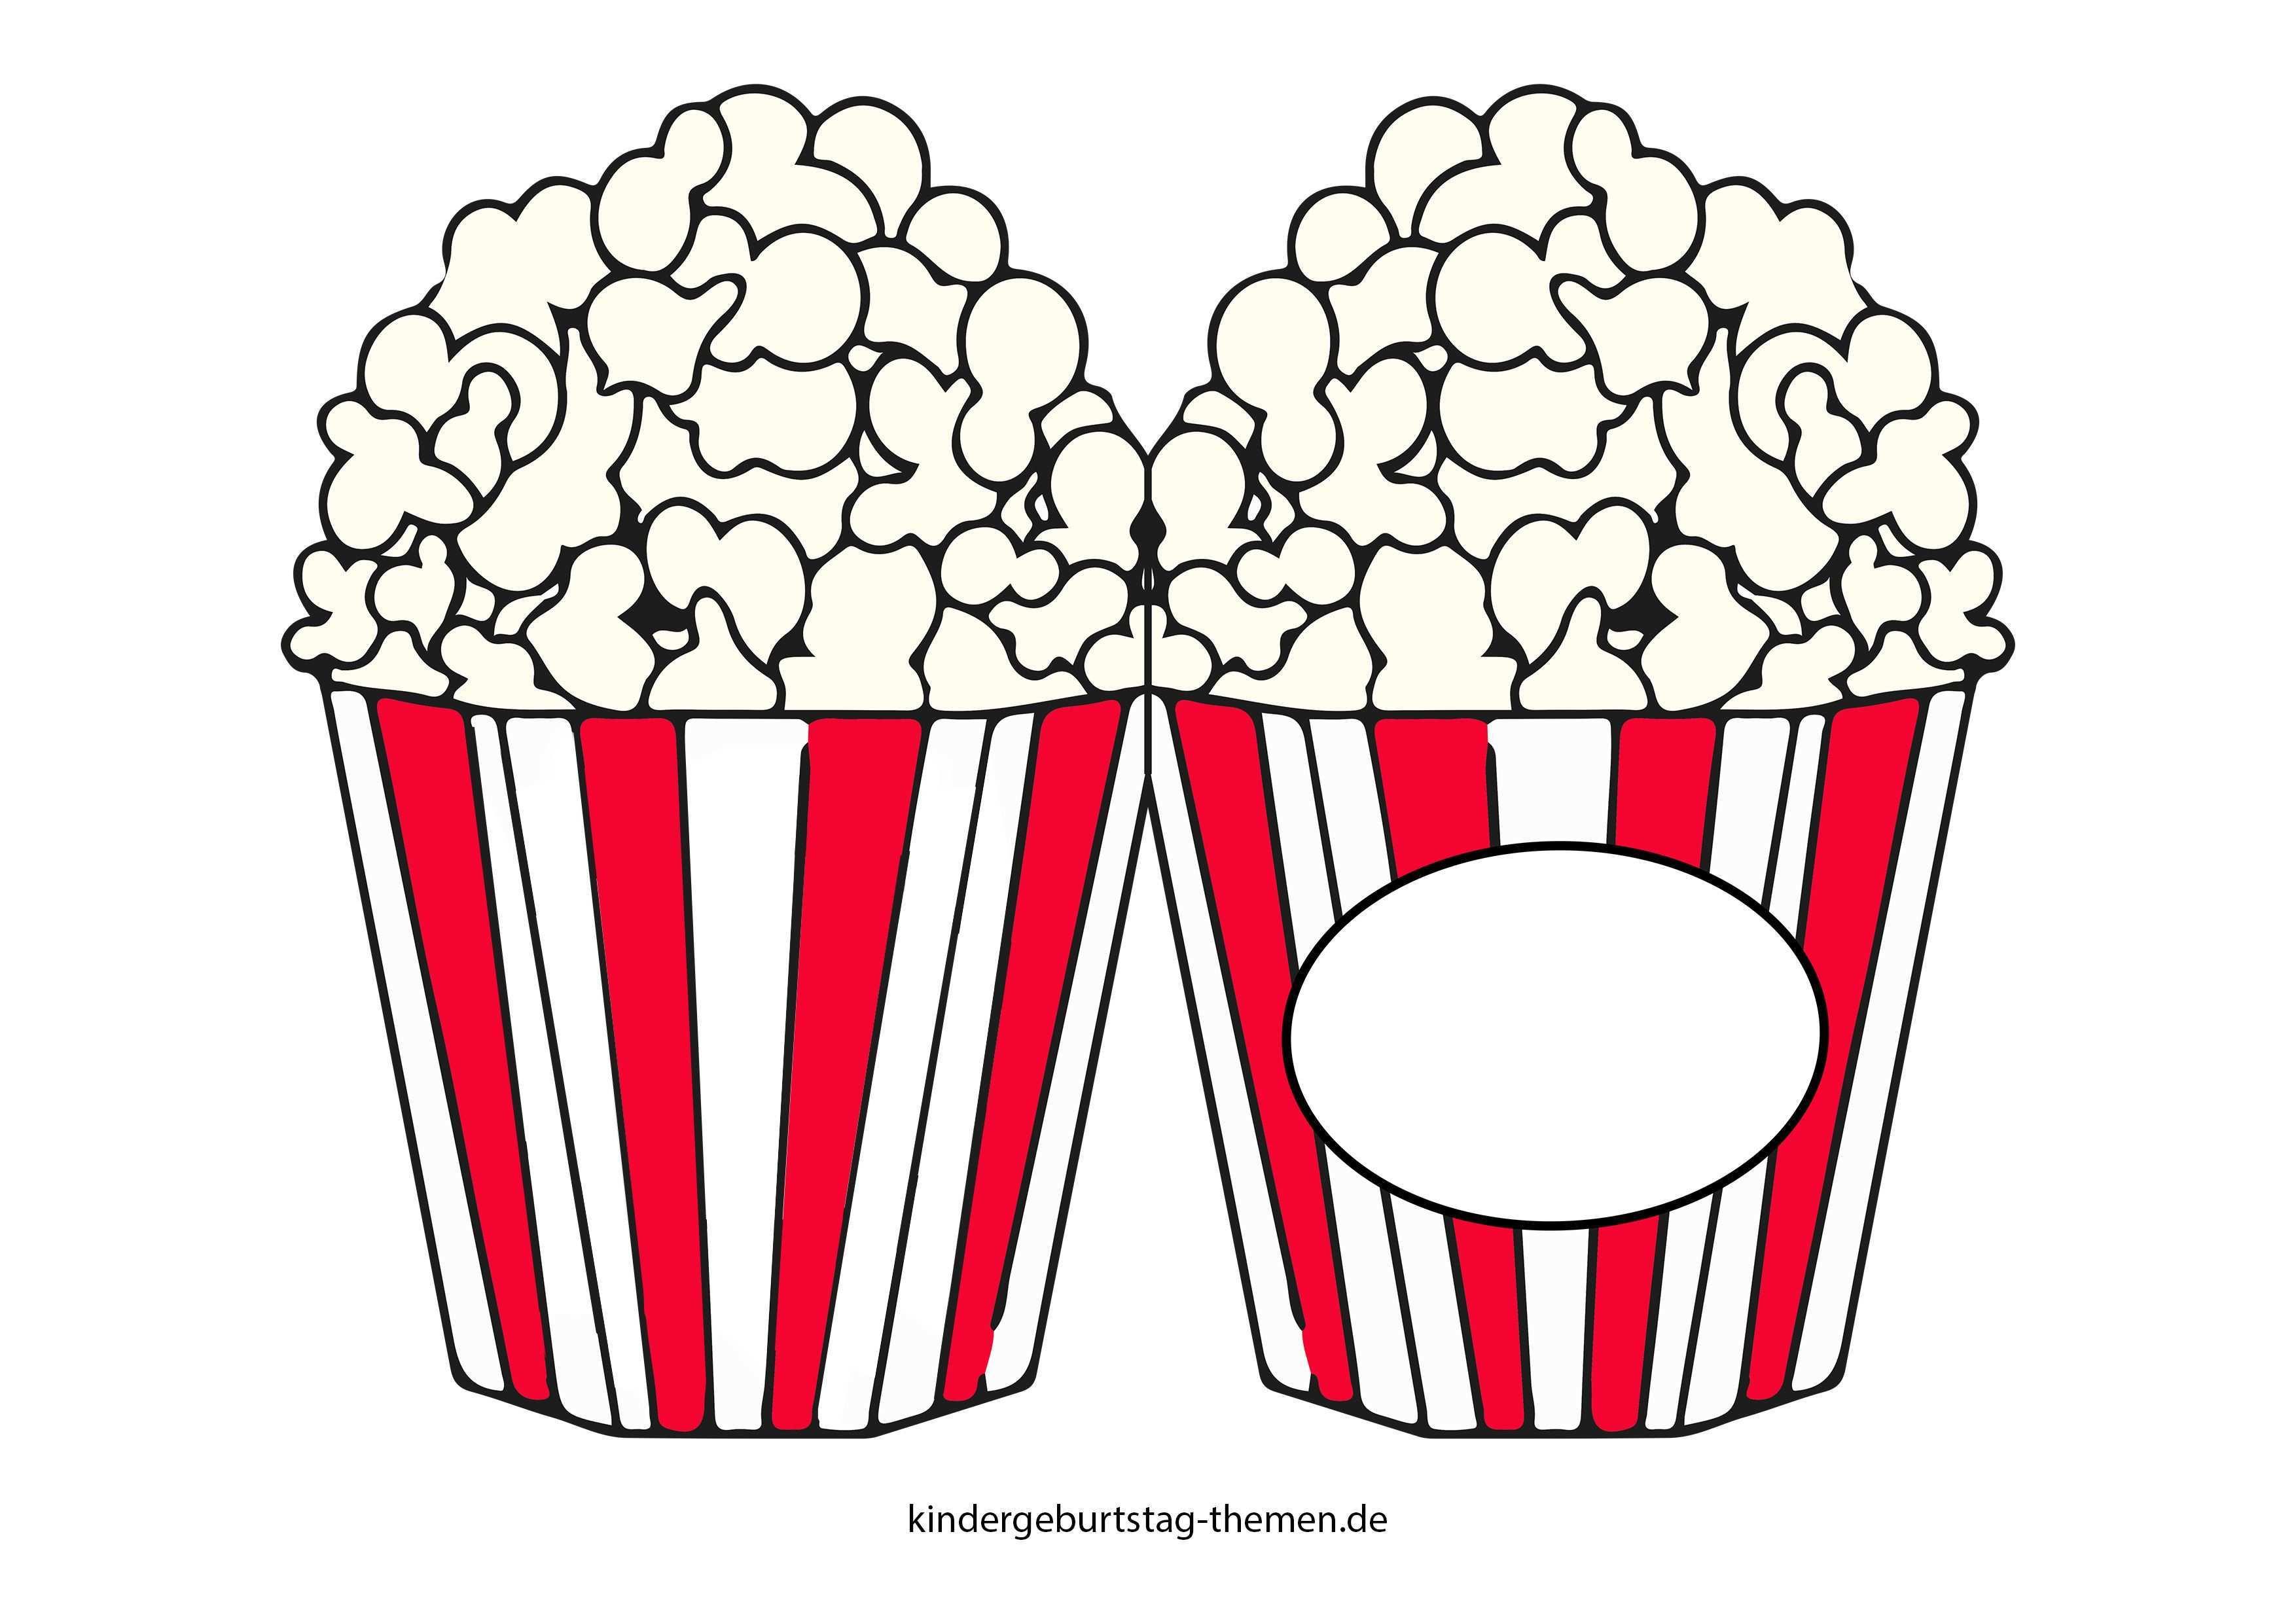 Kino Einladung Druckvorlage Fur Popcorn Karte Und Filmklappe Einladungskarten Kindergeburtstag Einladung Basteln Gutschein Basteln Kinder